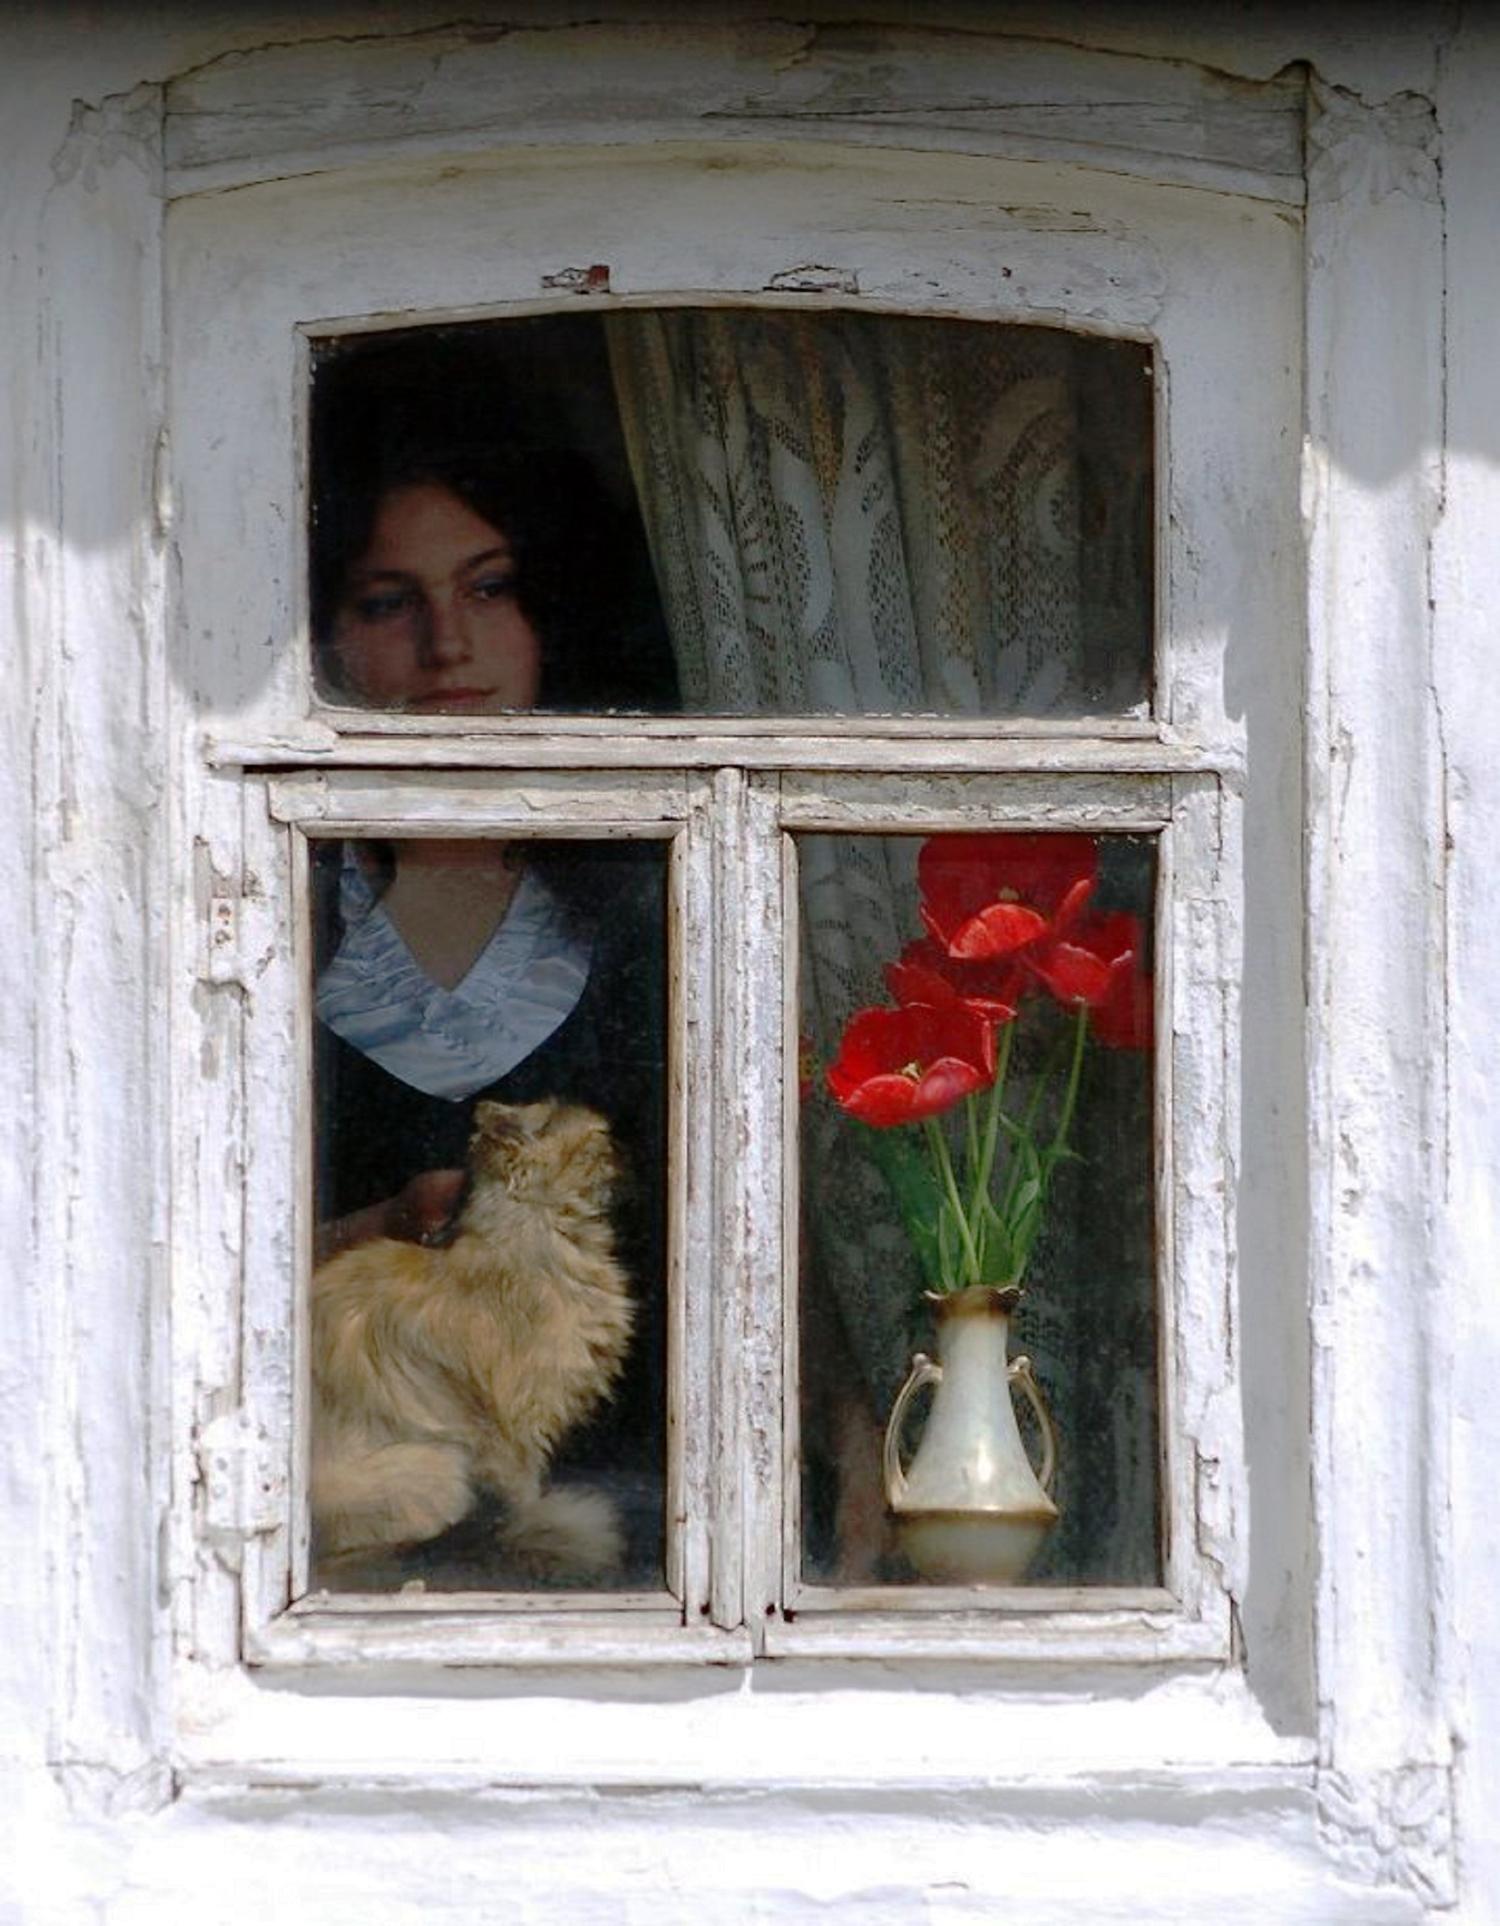 Ах, эта женщина в окне.